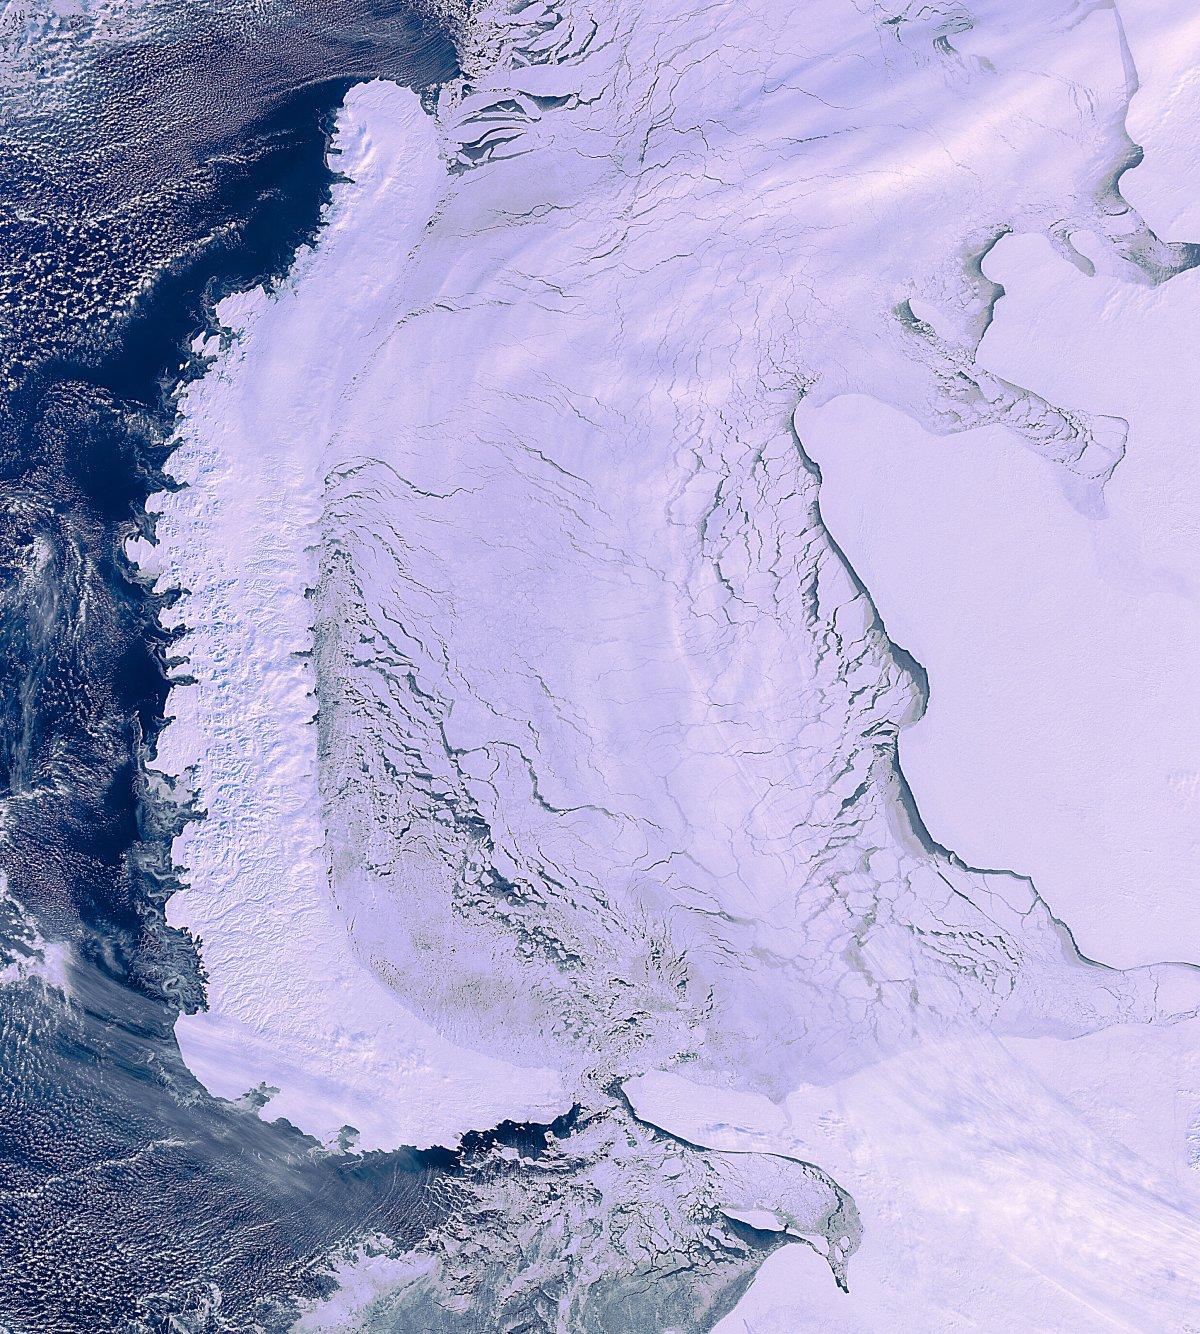 Uma década de observação da Terra a partir do espaço nos deu essas vistas incríveis 14